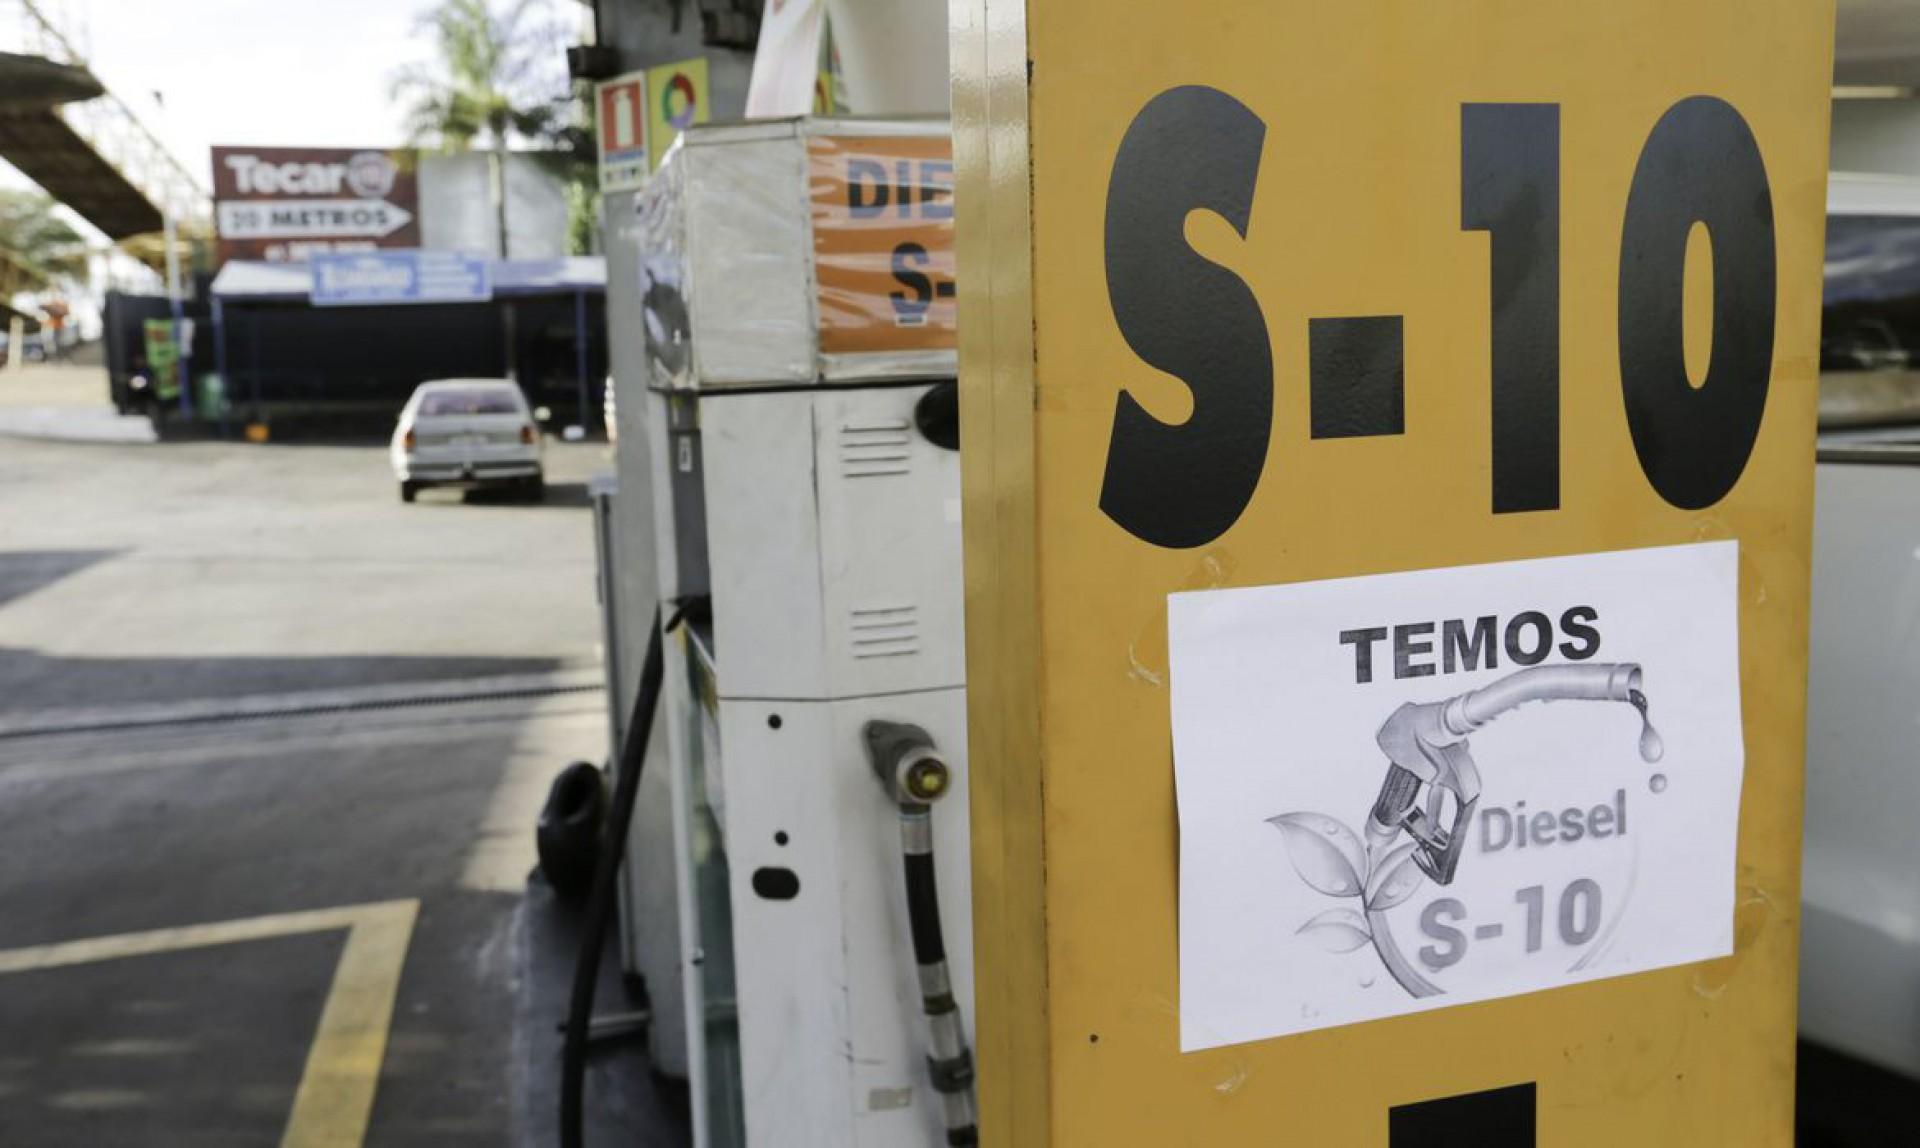 Diesel e etanol provocam polêmica. E prejuízo para os motoristas